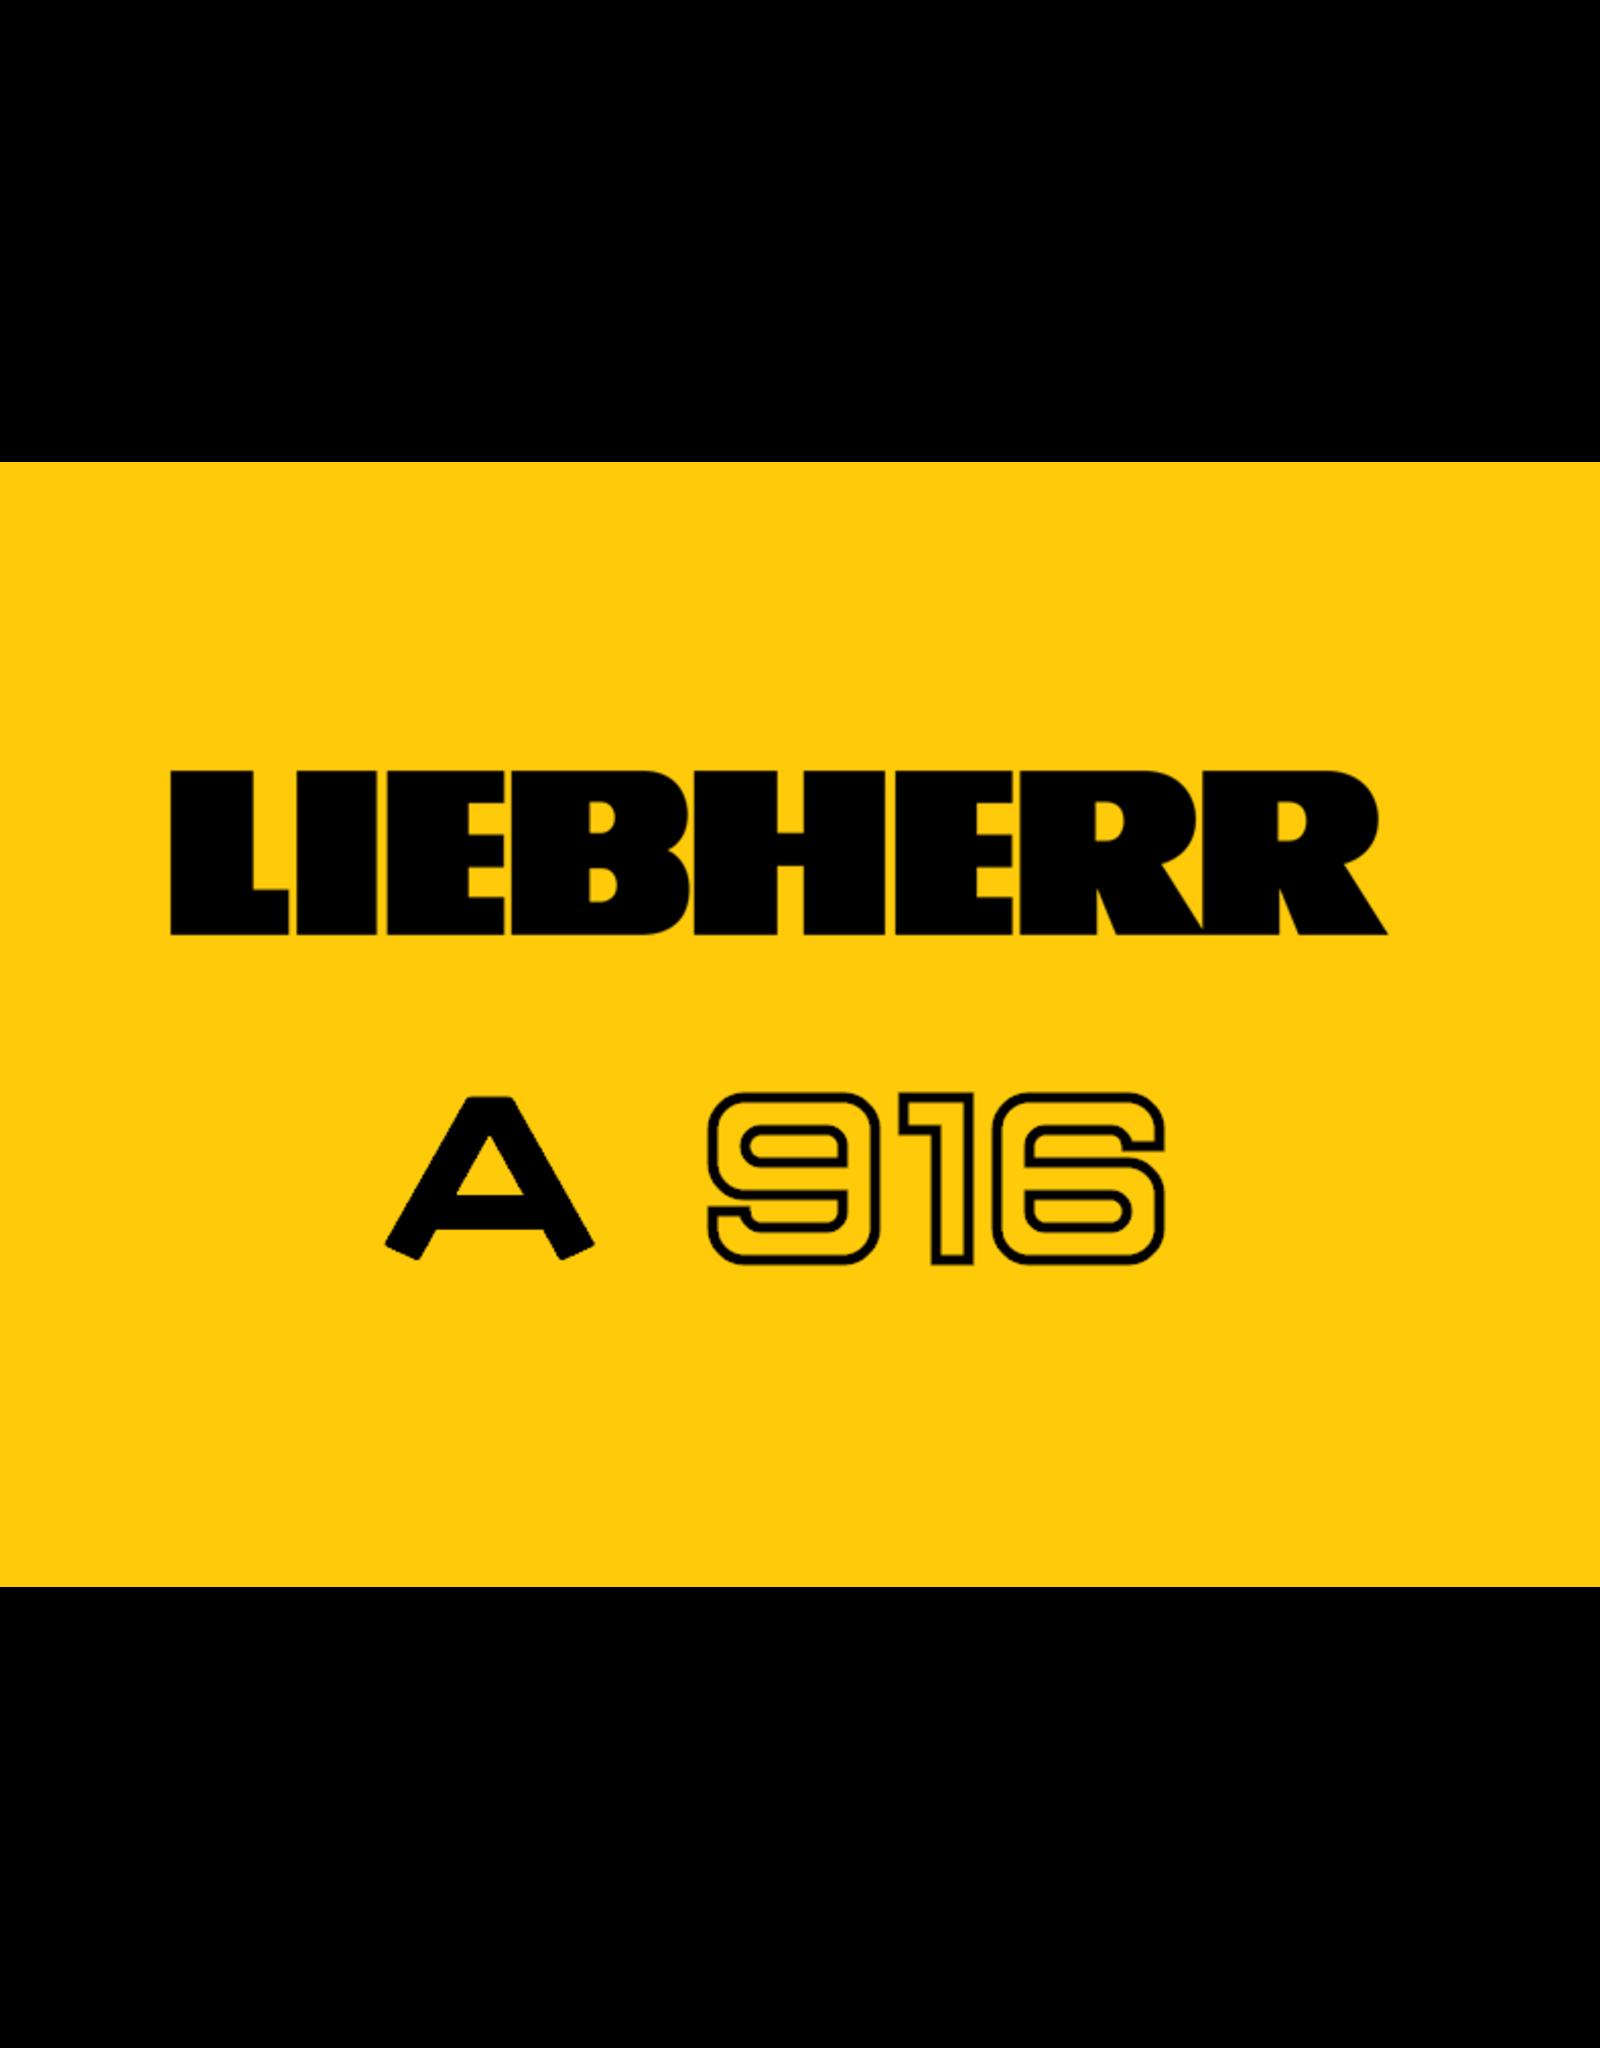 Echle Hartstahl GmbH FOPS für Liebherr A 916